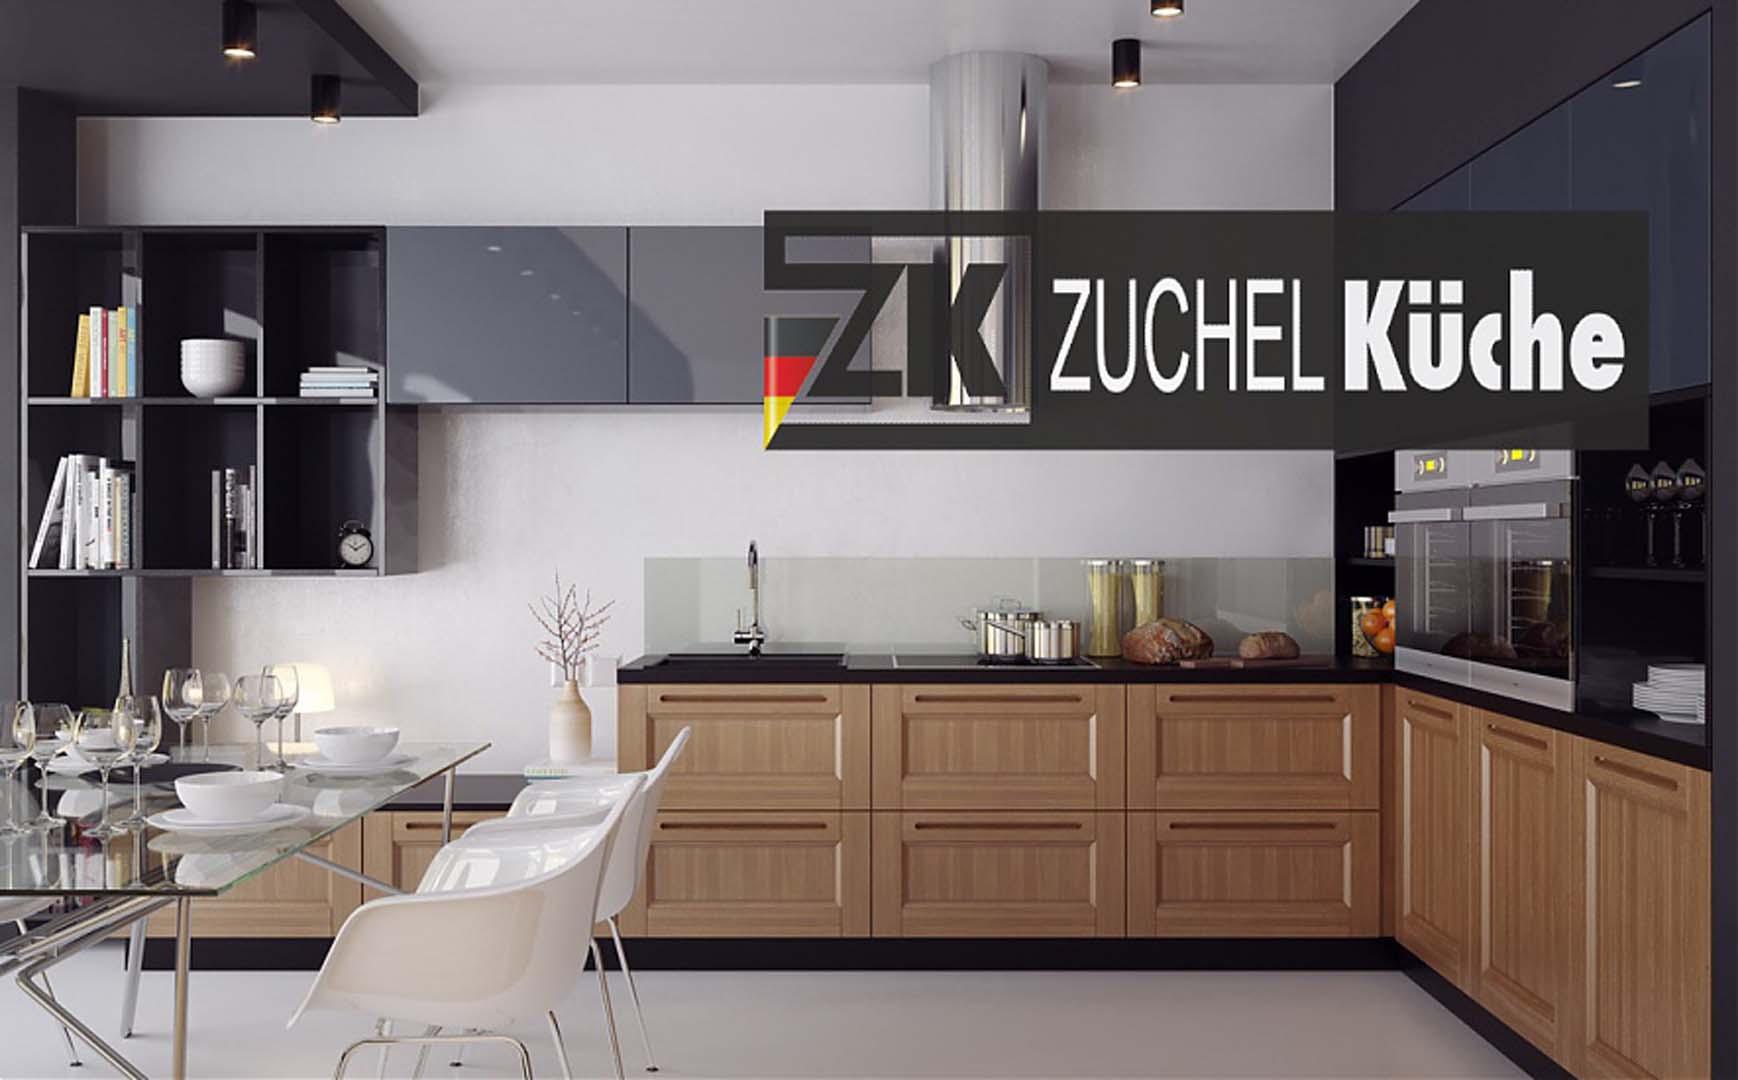 Küchenrenovierung mannheim  Beste Ideen, Design, Bild speichern & Beispiele von Küchen ...